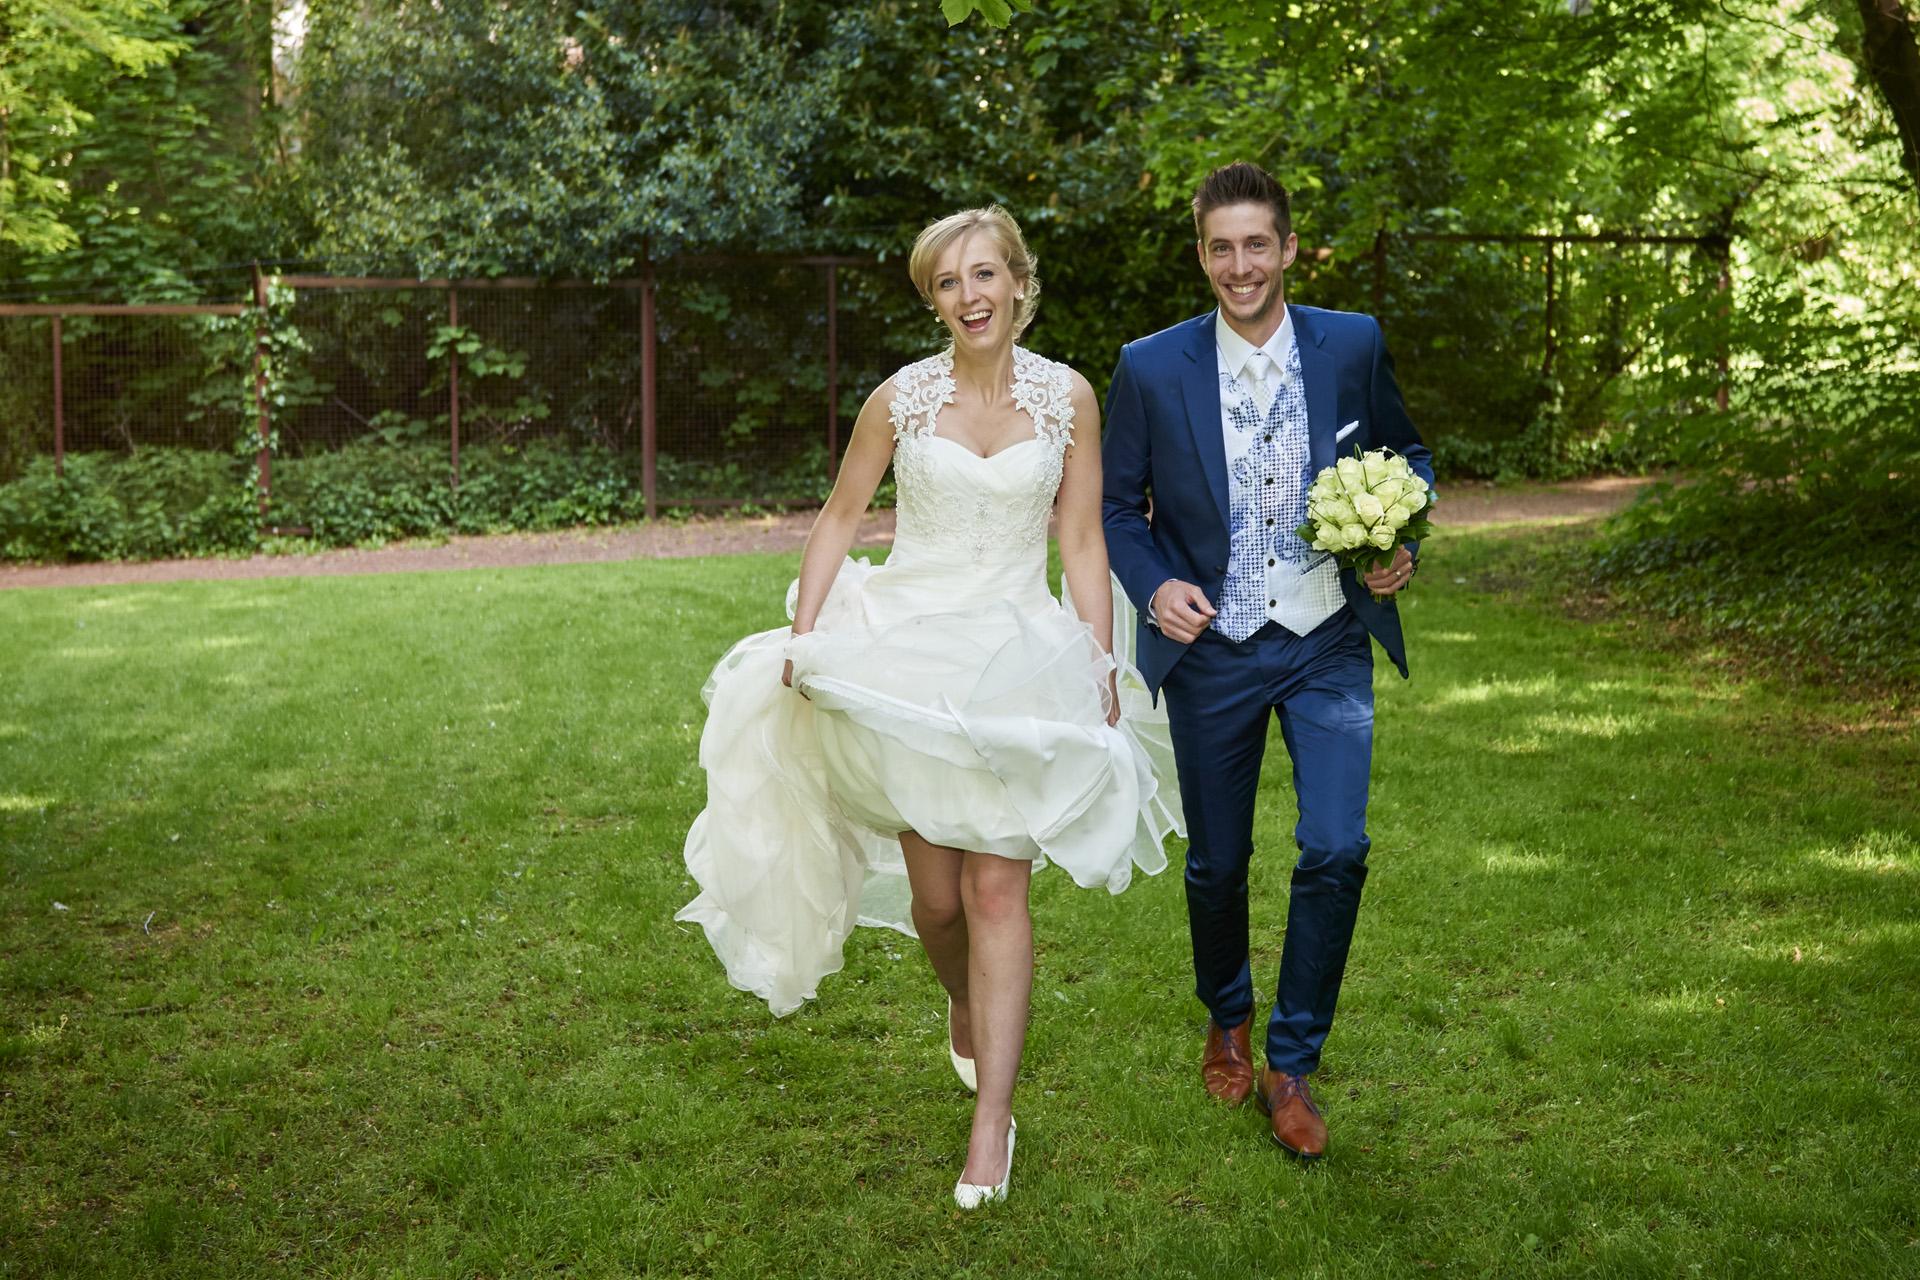 Huwelijk bruidsreportage foto ben professioneel